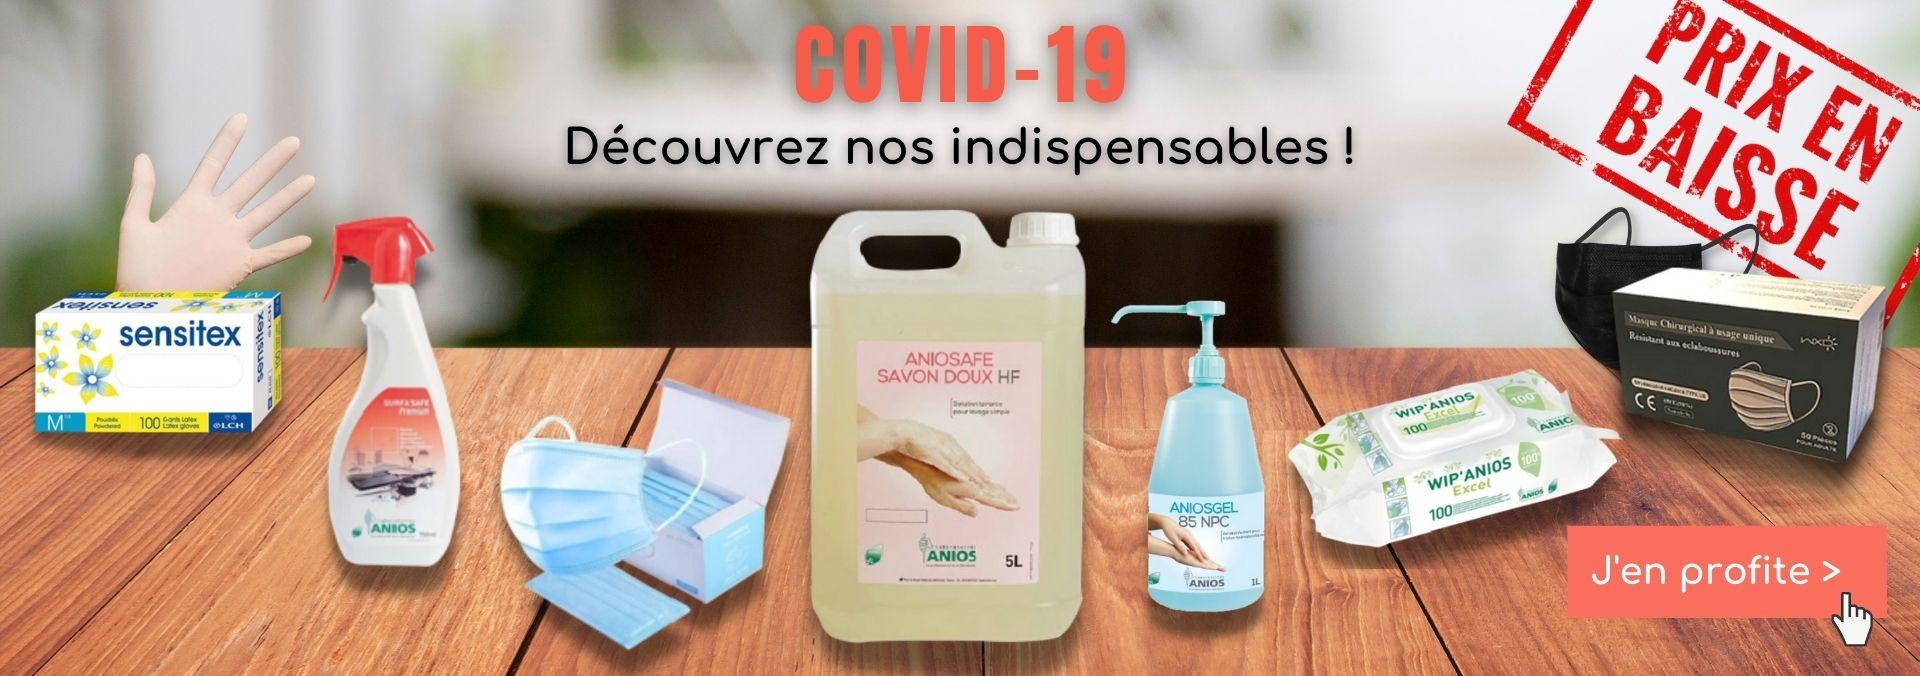 La désinfection et l'hygiène est devenue une évidence depuis l'épidémie du coronavirus